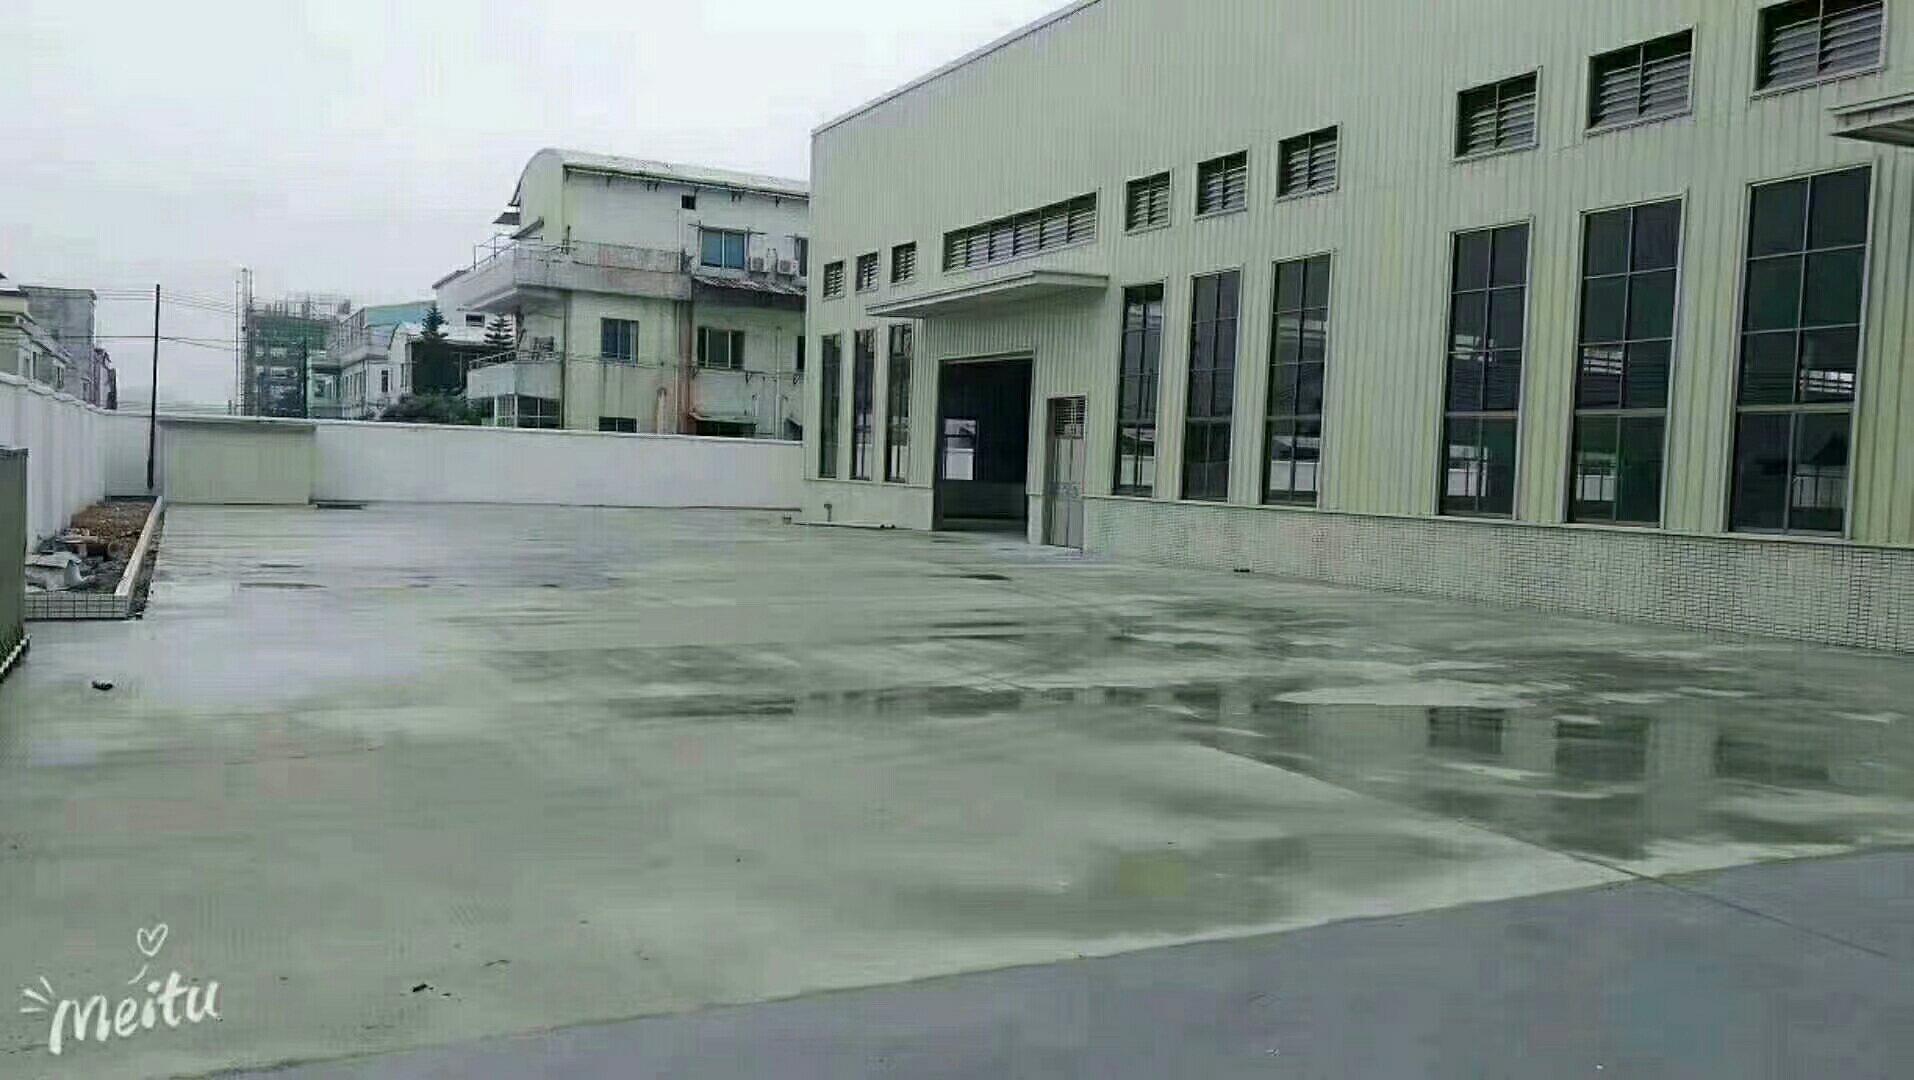 惠阳新圩镇独院仓库钢构1800平方